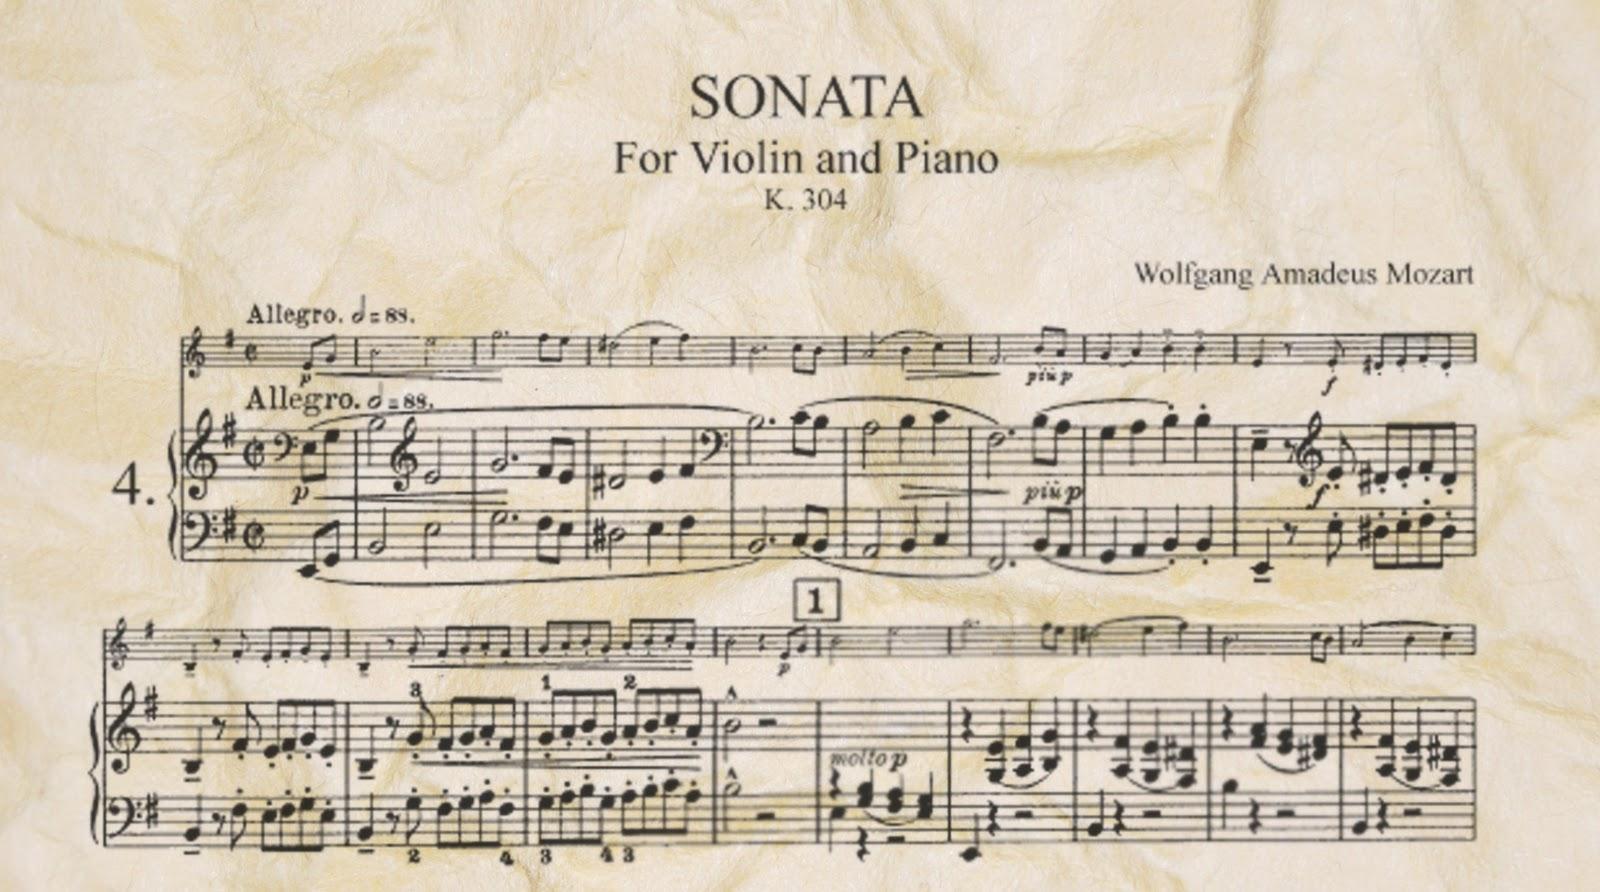 História com Gosto: Período Clássico - A música de Mozart